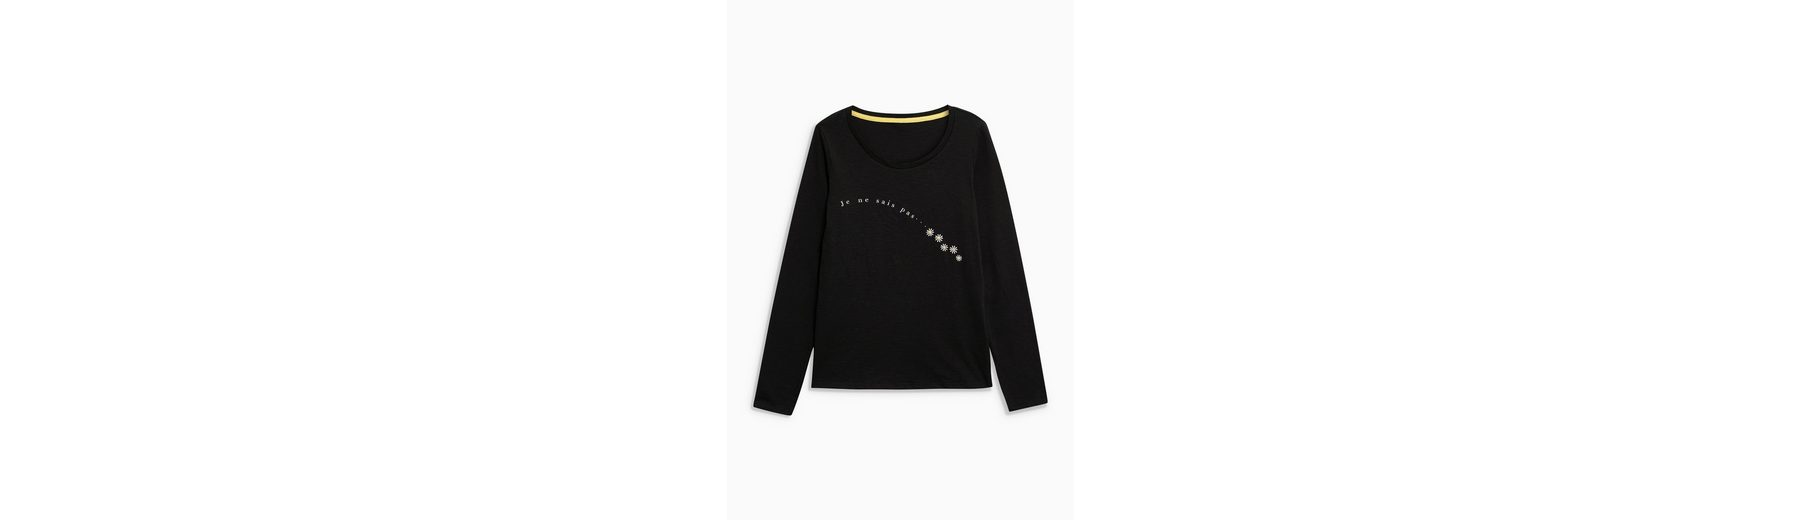 Next T-Shirt mit Print Bestellen Günstigen Preis j0juS